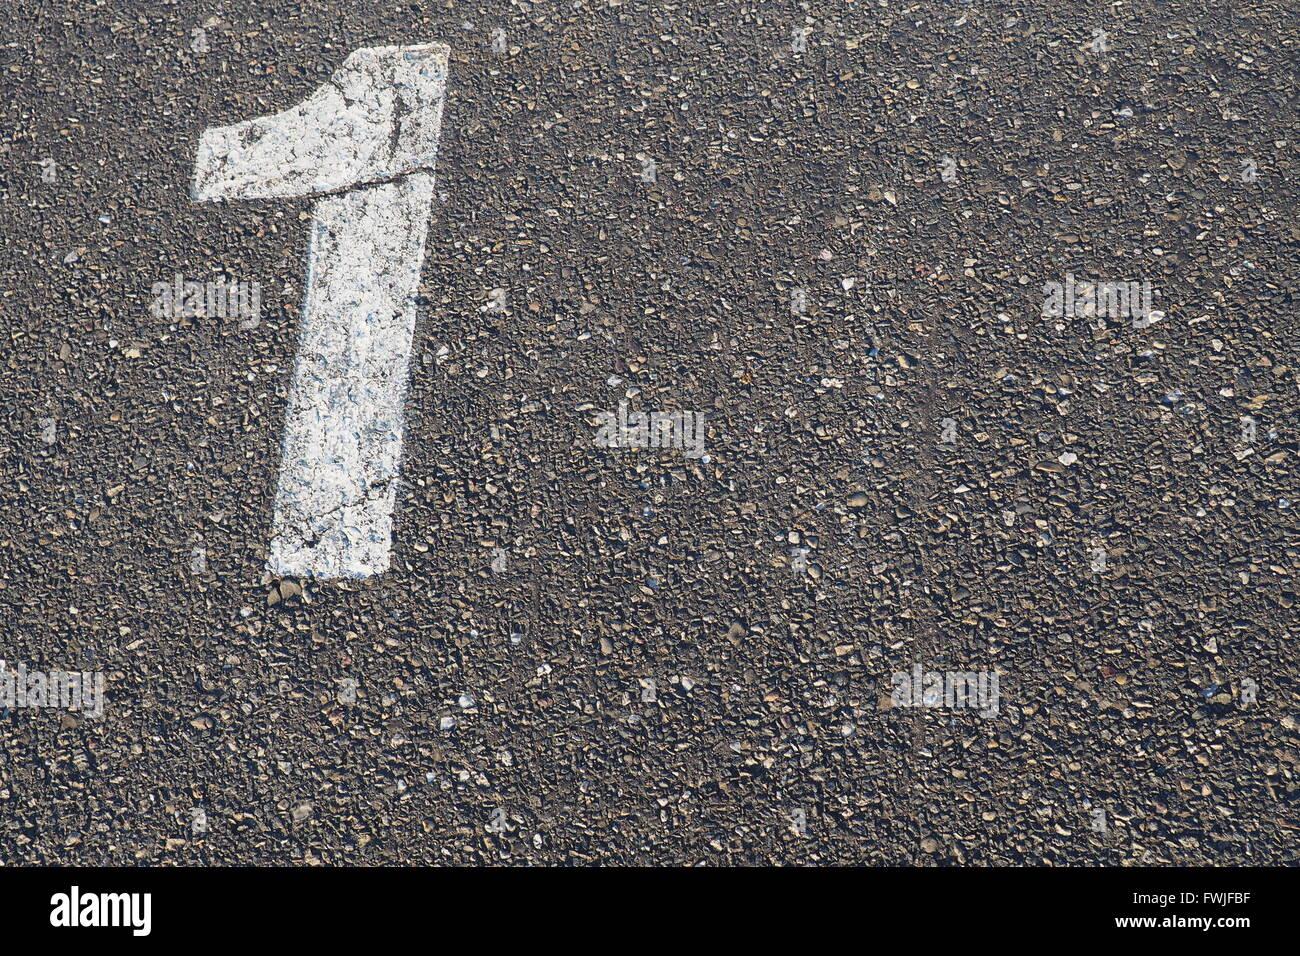 Un alto ángulo de visualización del número 1 en la carretera Imagen De Stock